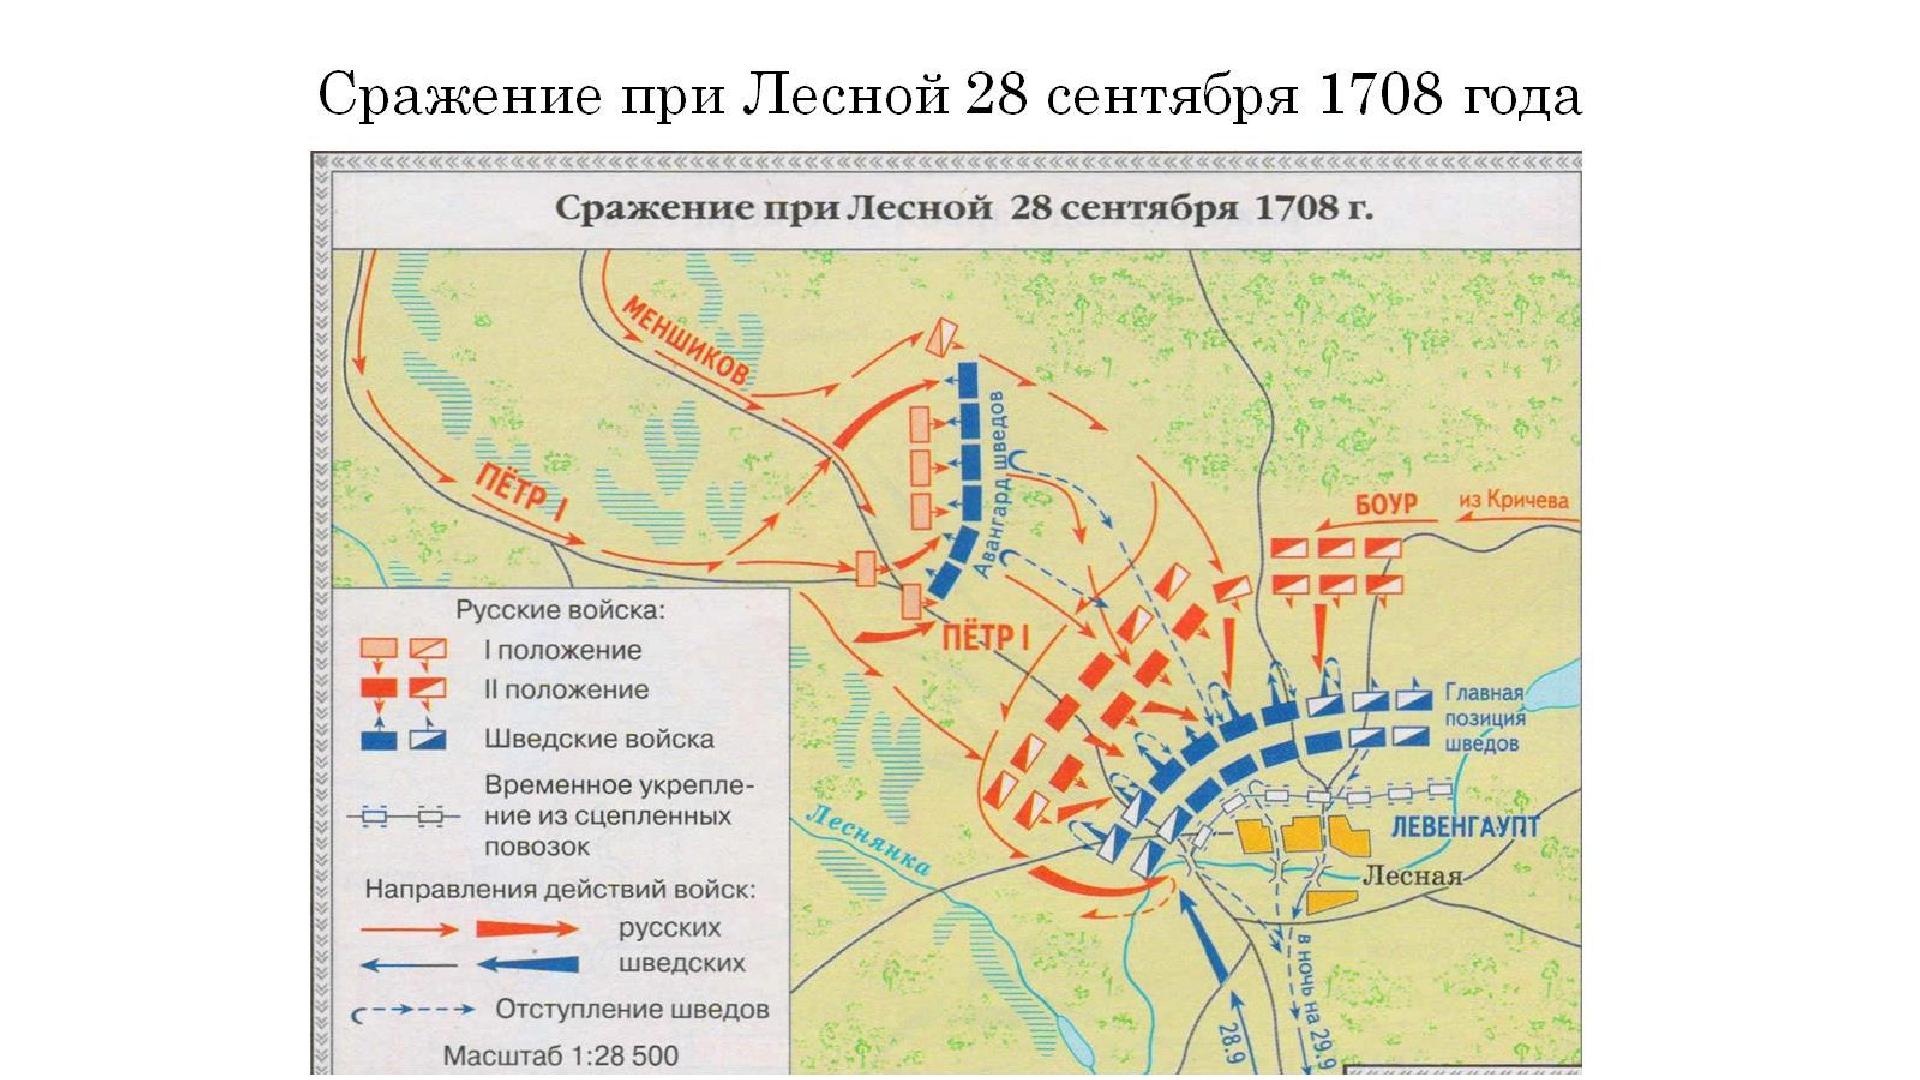 Сражение при Лесной 28 сентября 1708 года